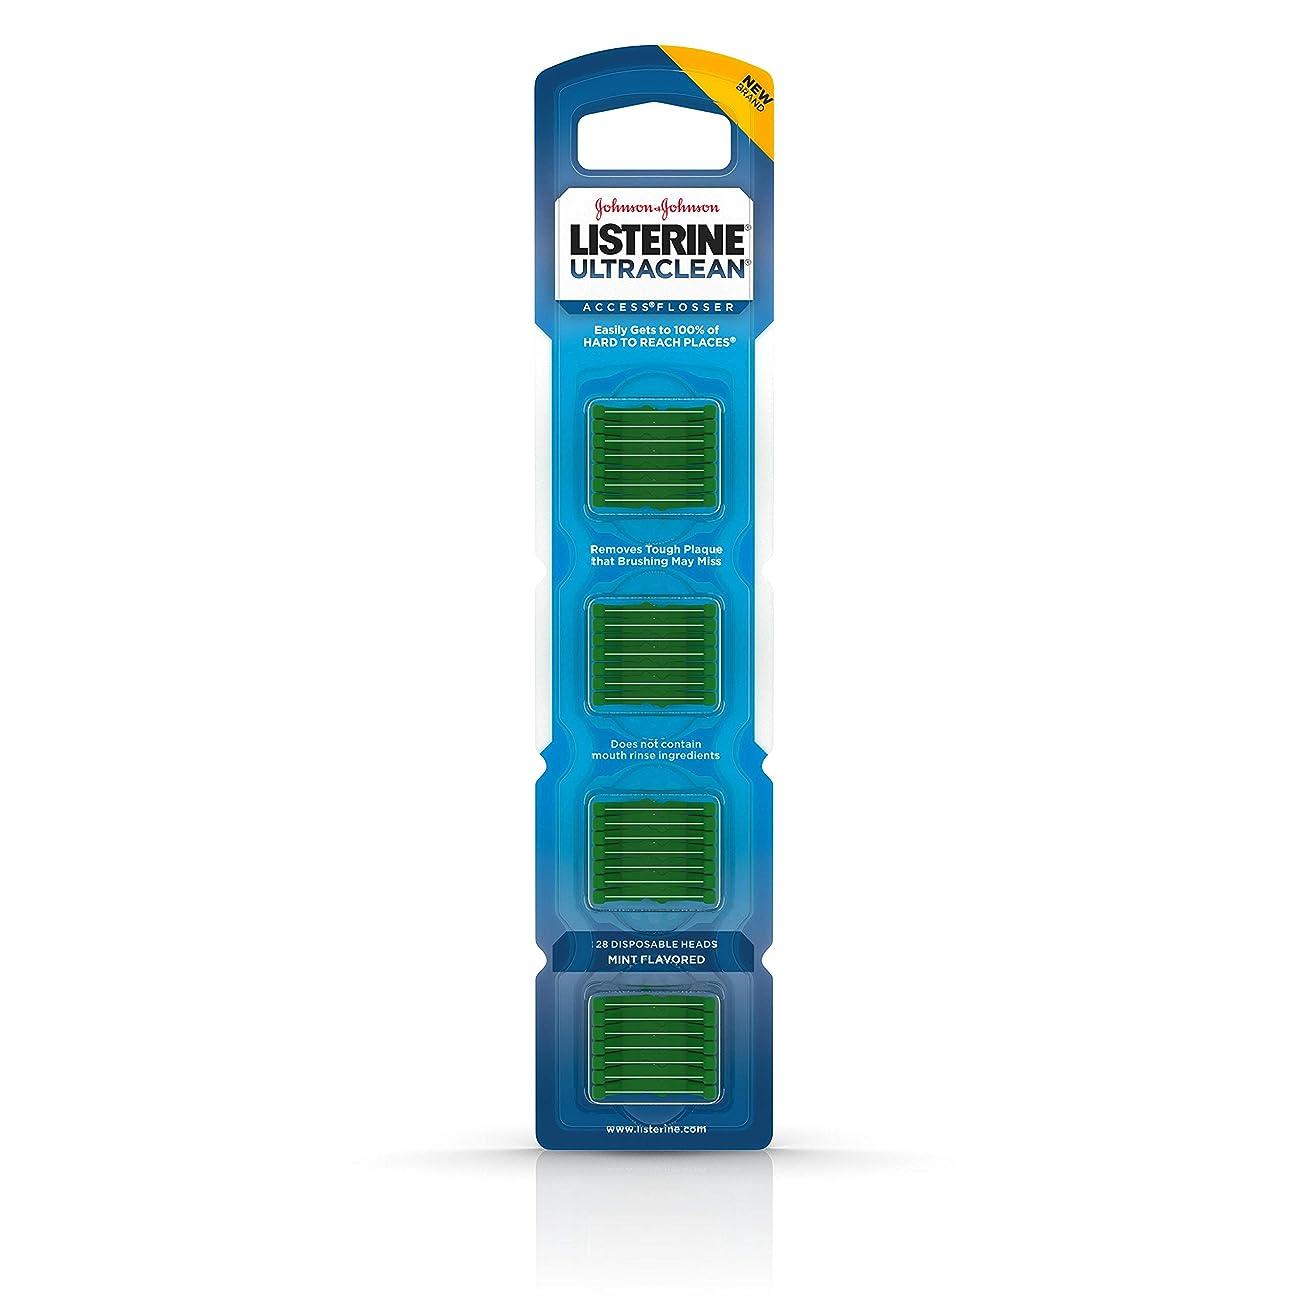 どっちでも参加者飲料Listerine Ultraclean Access Flosser Refill Heads, Mint, 28 Count [並行輸入品]